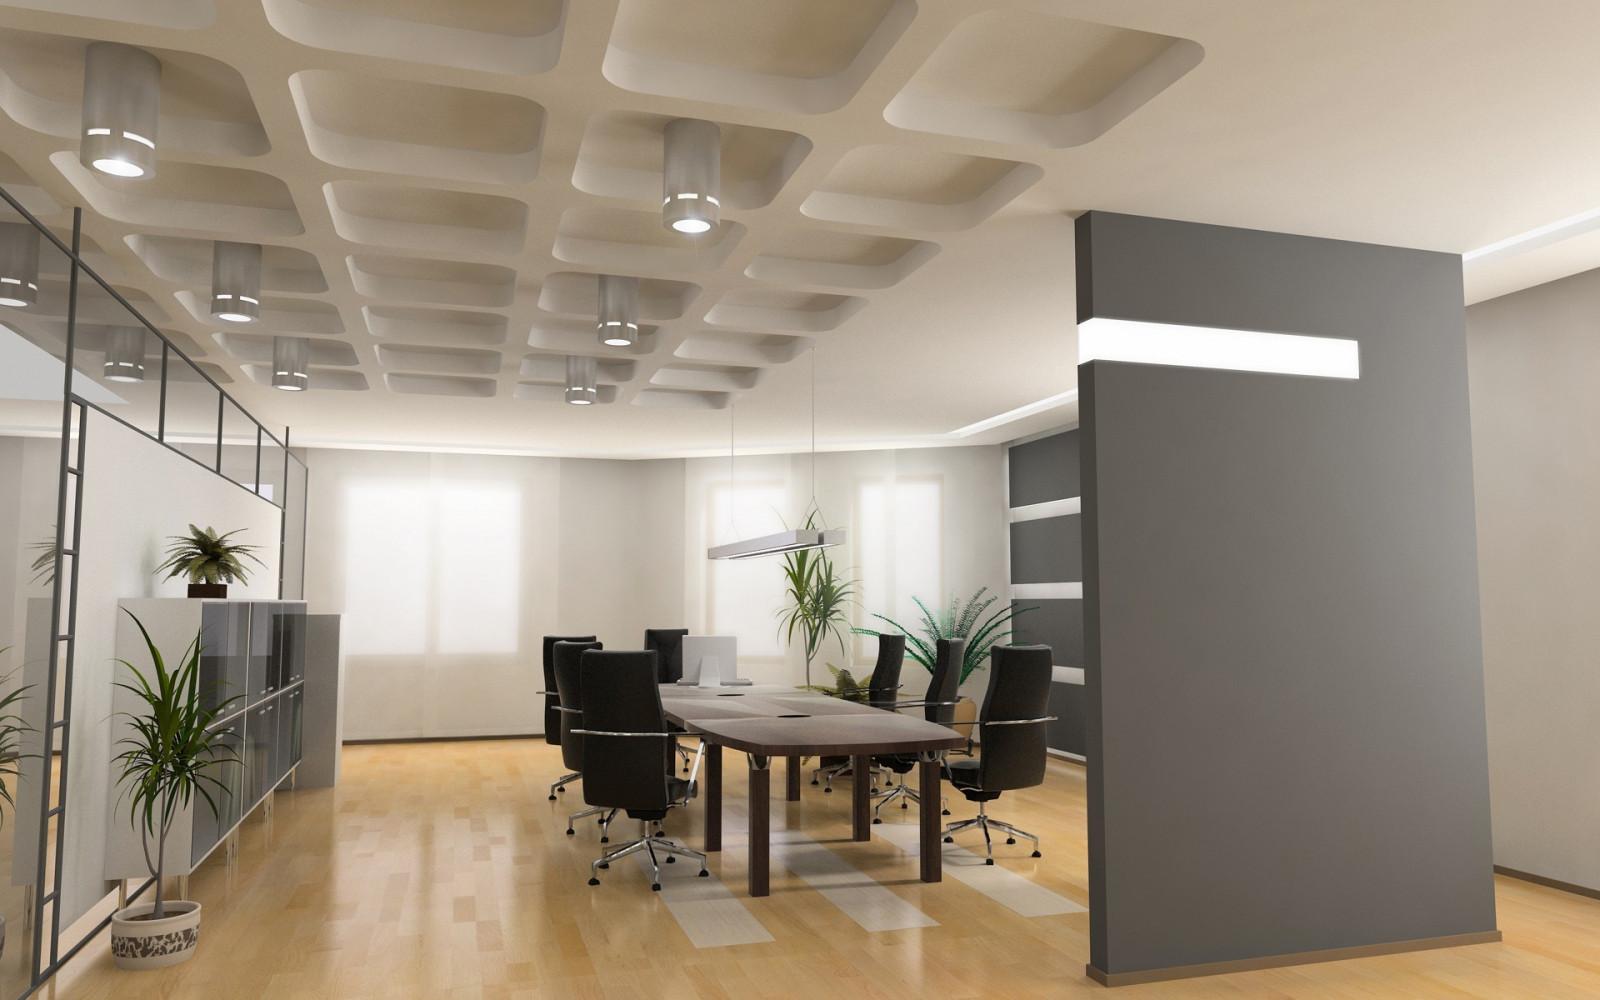 Sfondi luce del sole camera piante tavolo sedia for Interior design ufficio